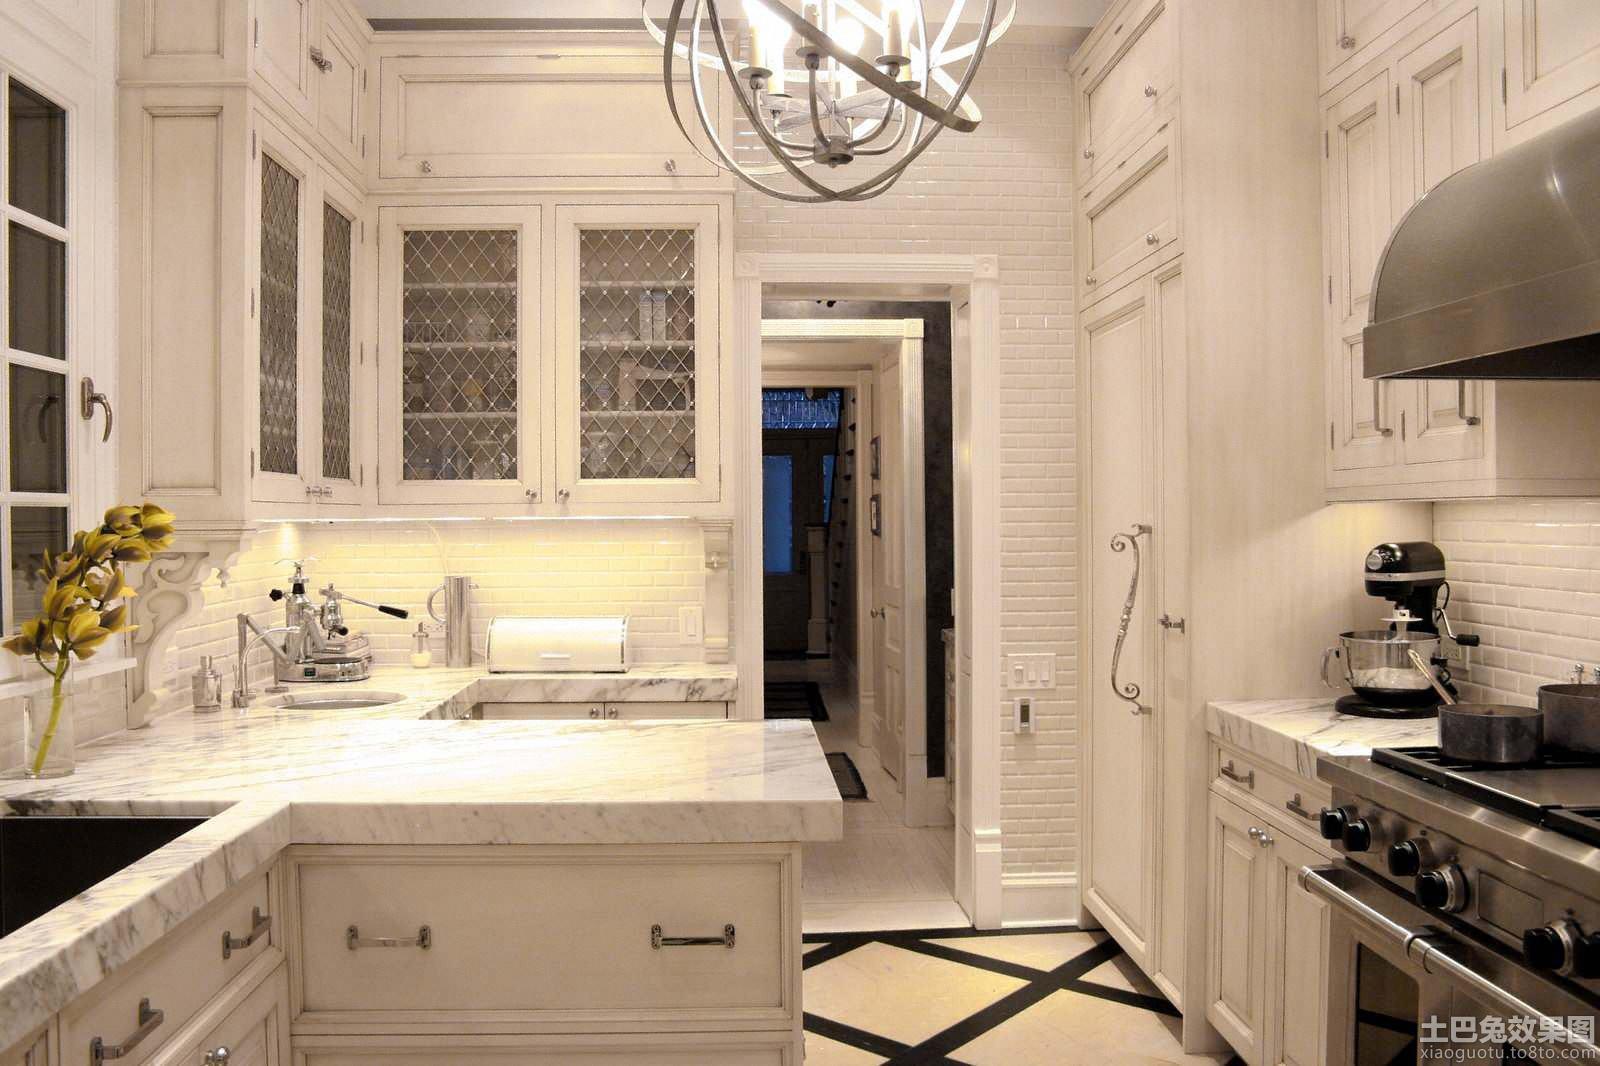 欧式厨房砖砌橱柜图片装修效果图